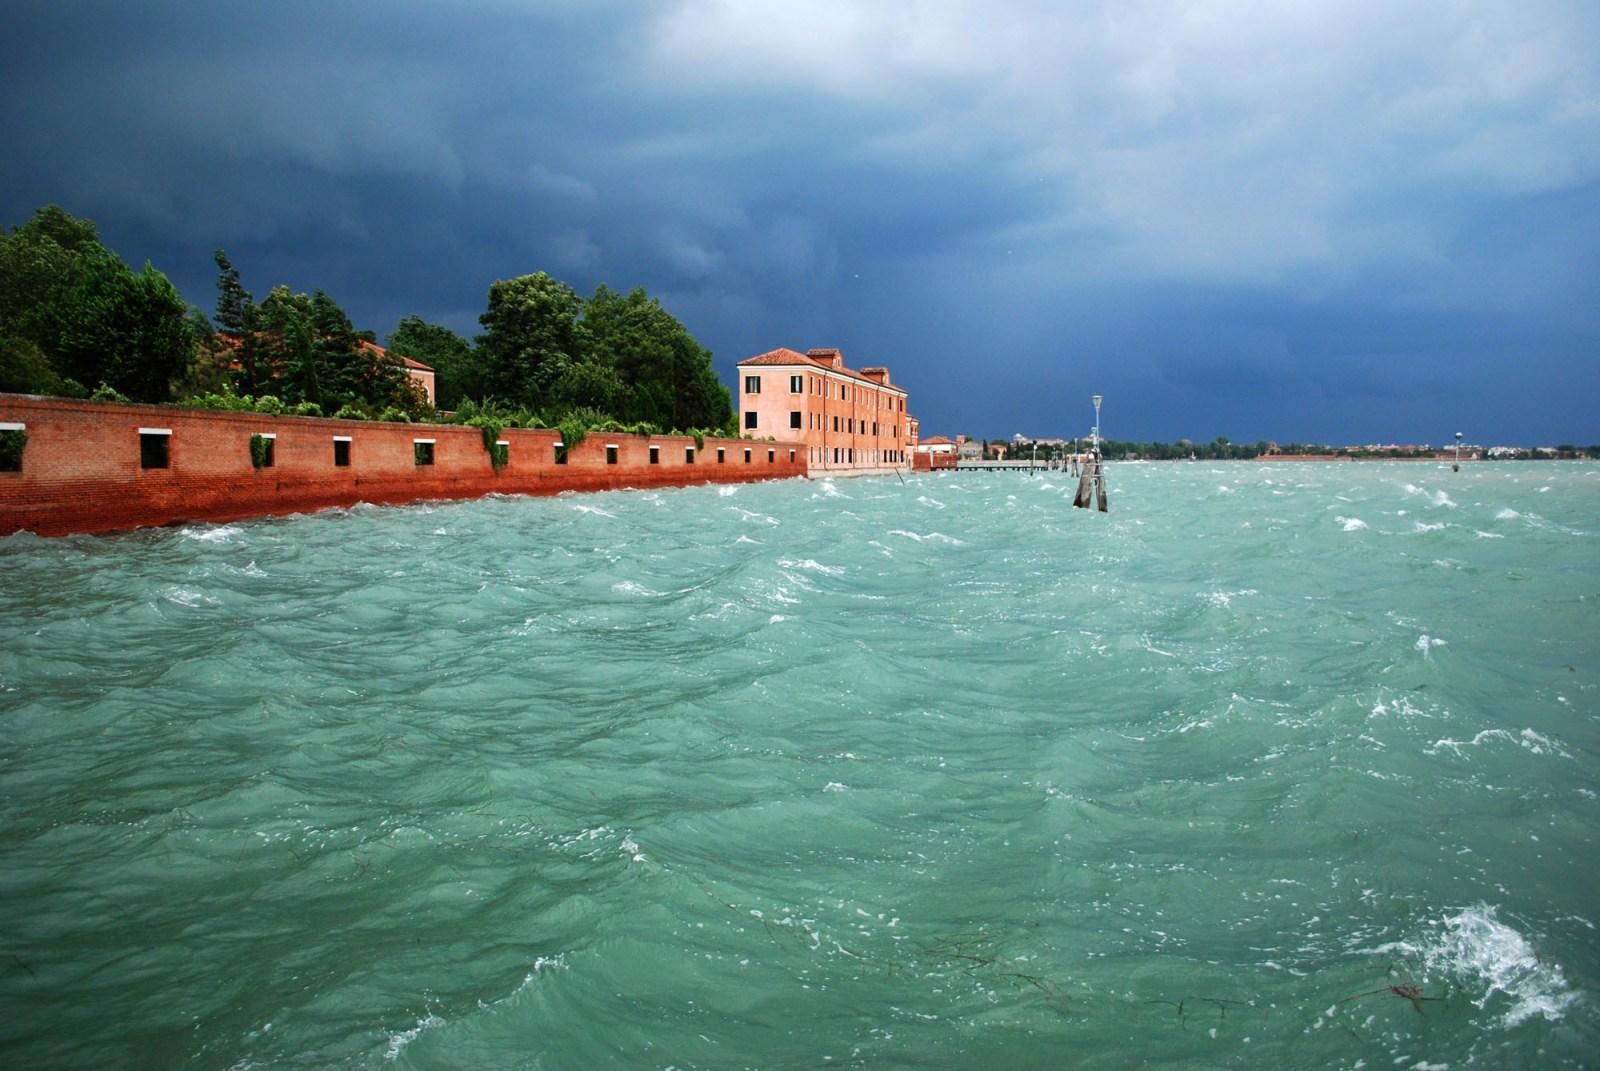 010_LOWRES__Lightscape-Venice, June storm_Lightscape_studio Dossofiorito_credits Dossofiorito